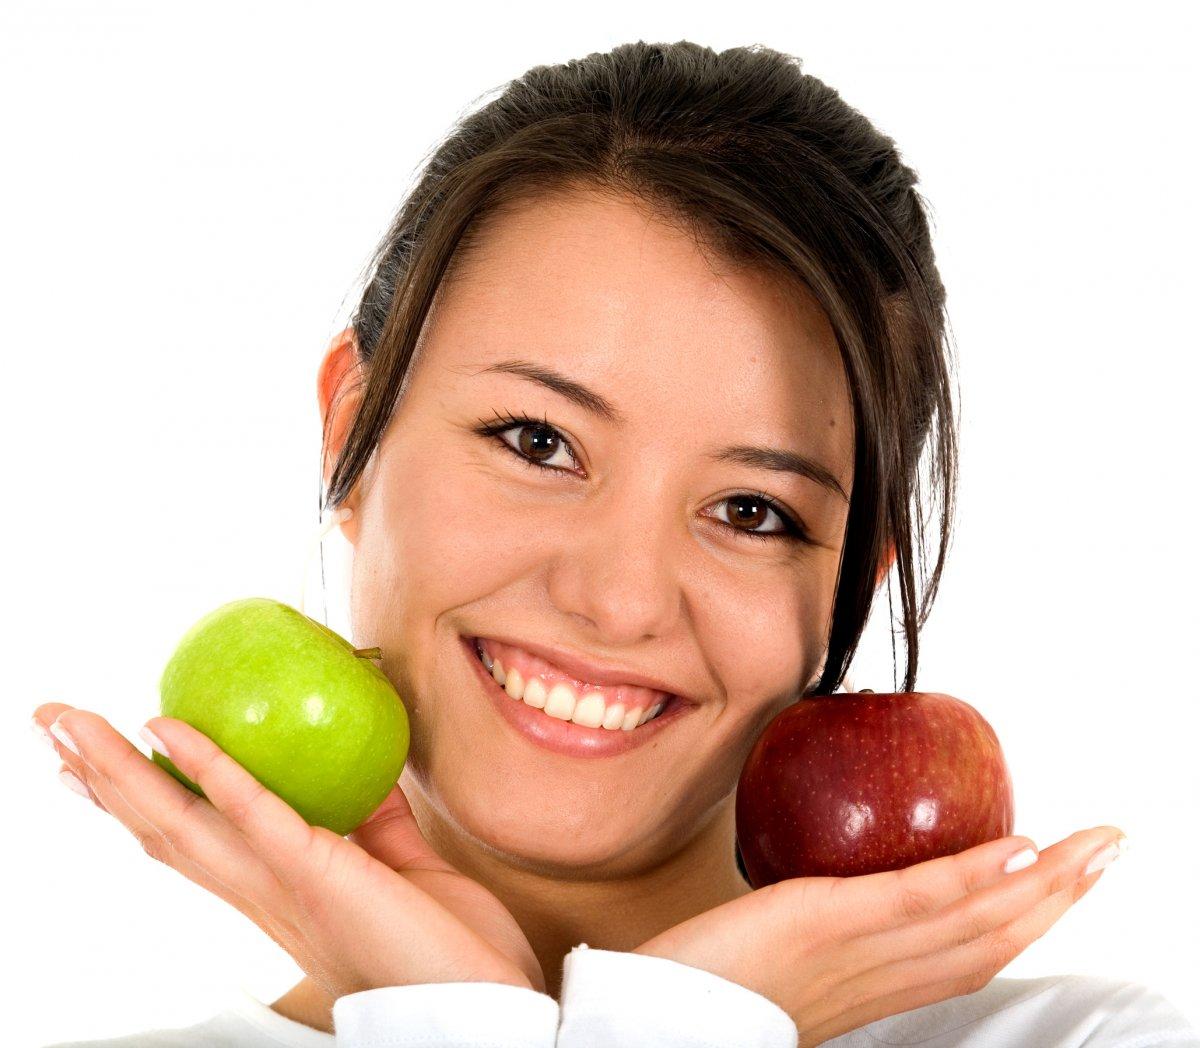 Диета борменталя рецепты - Диеты для похудения